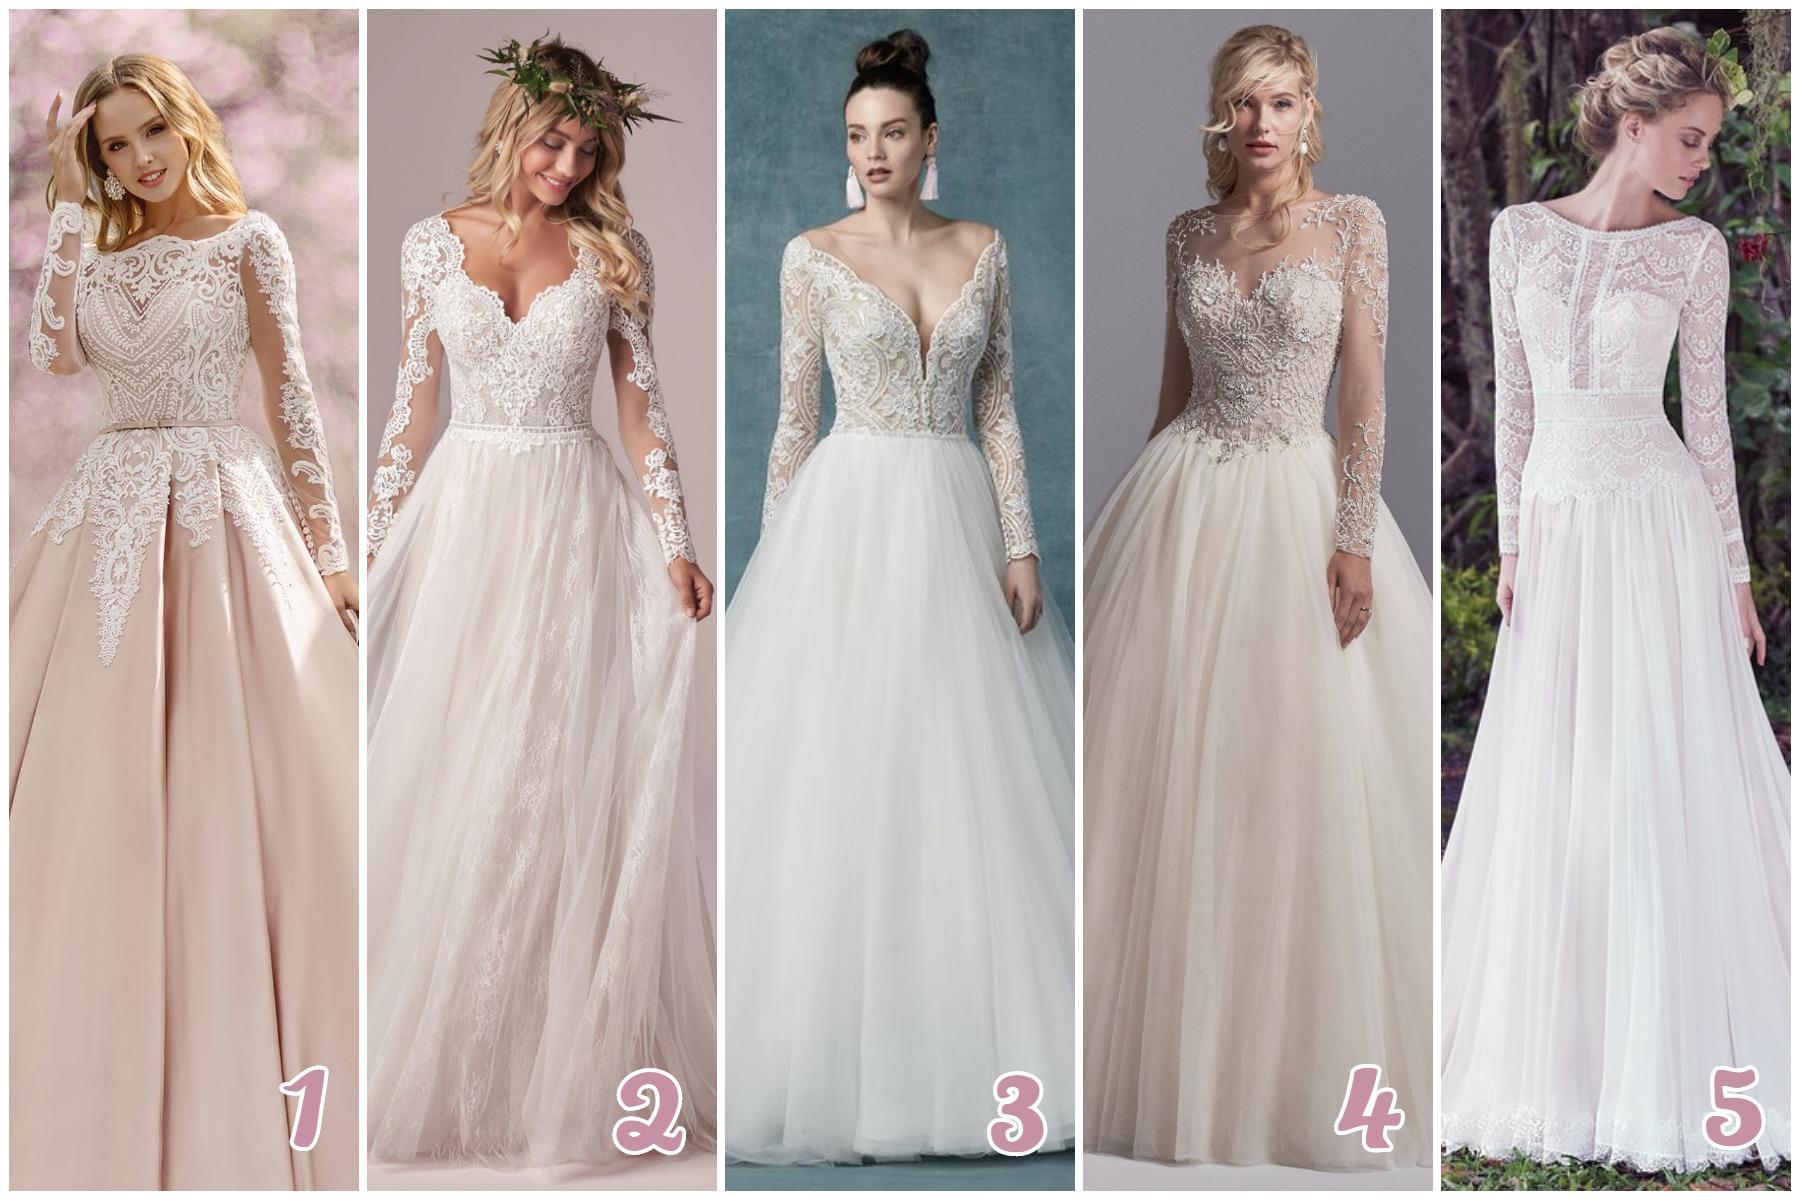 Ktoré šaty s dlhým rukávom sa vám najviac páčia? - Obrázok č. 1